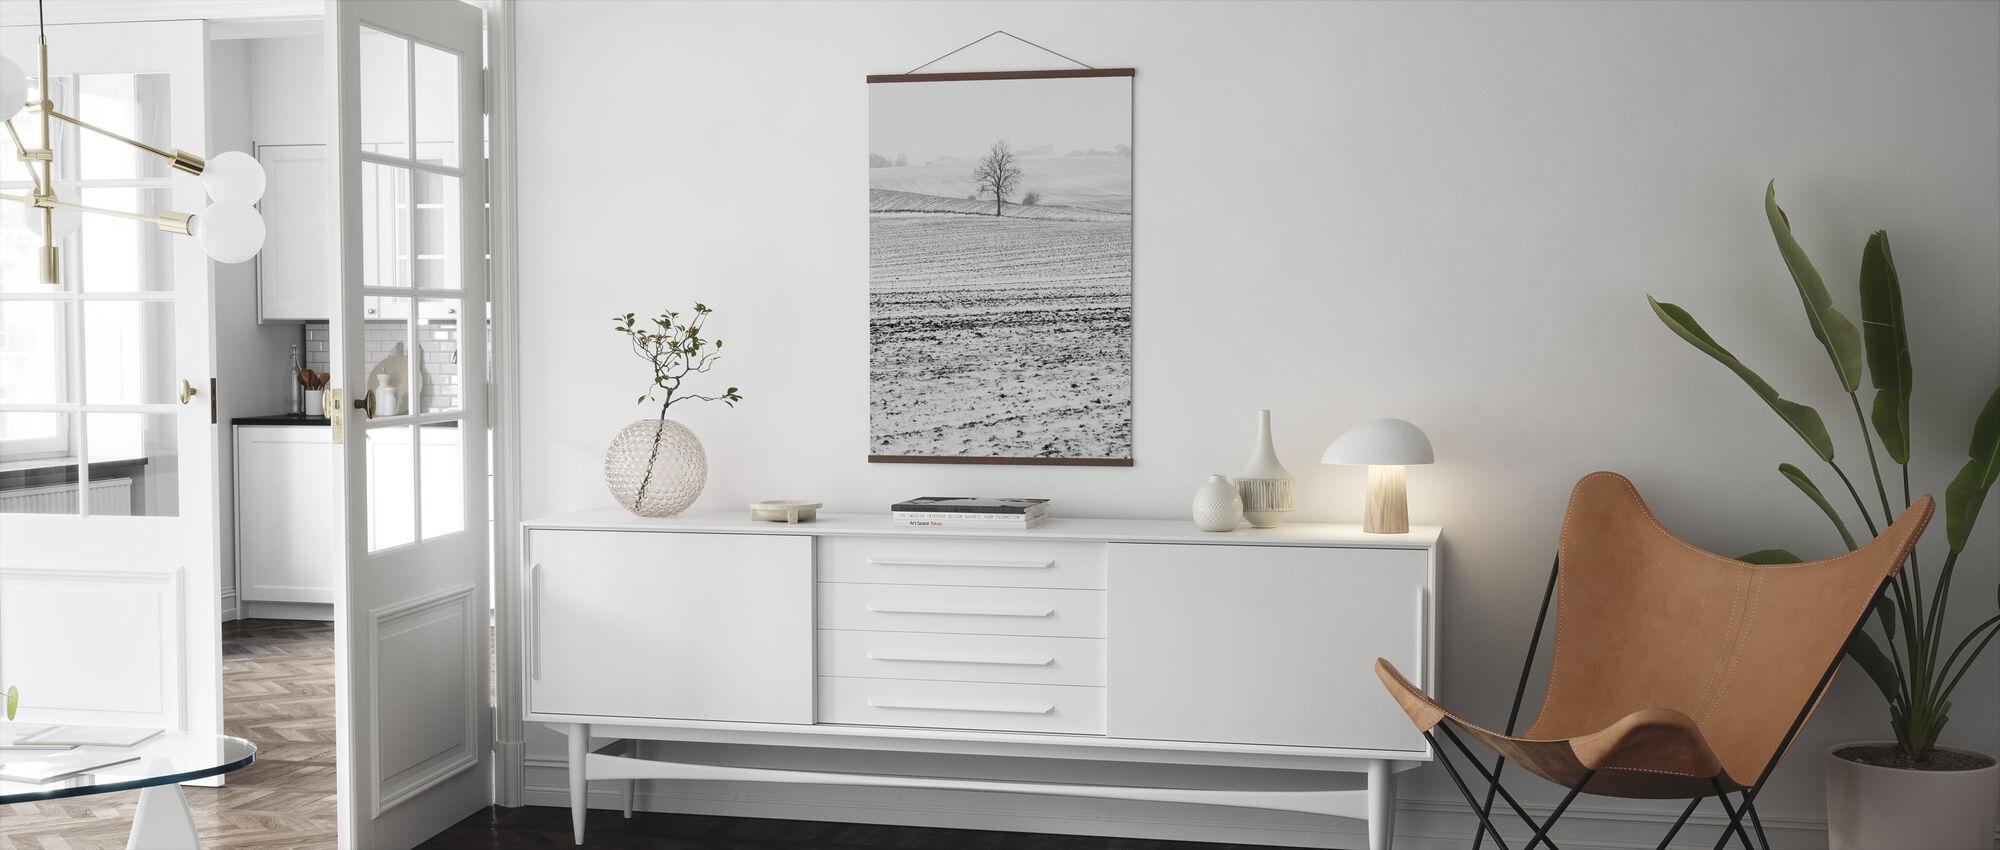 Fields in Anderslöv, Sweden - Poster - Living Room